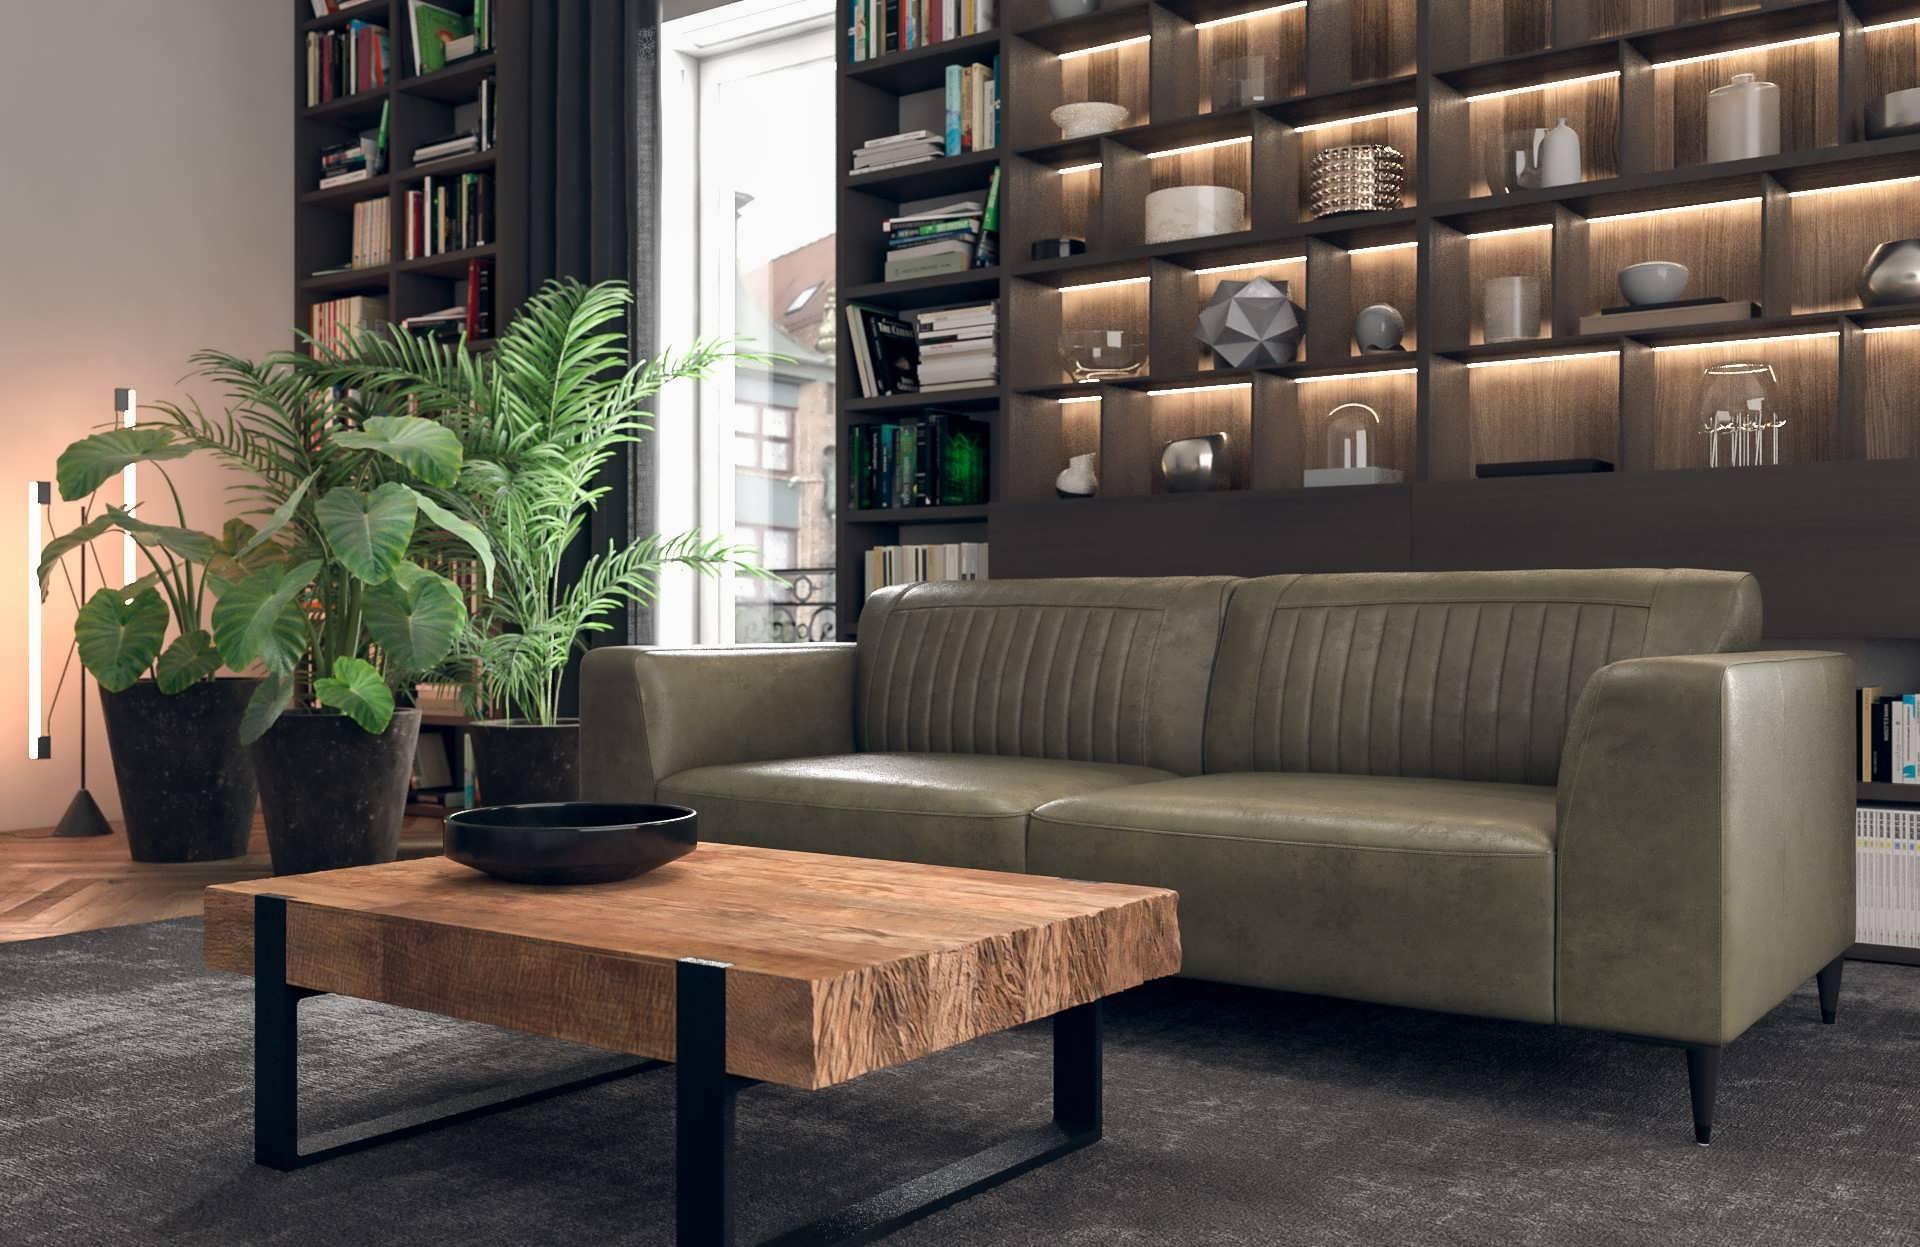 Leren Relax Bankstel.Tivoli Bank Met Zeer Comfortabele Zit In Leer Of Stof